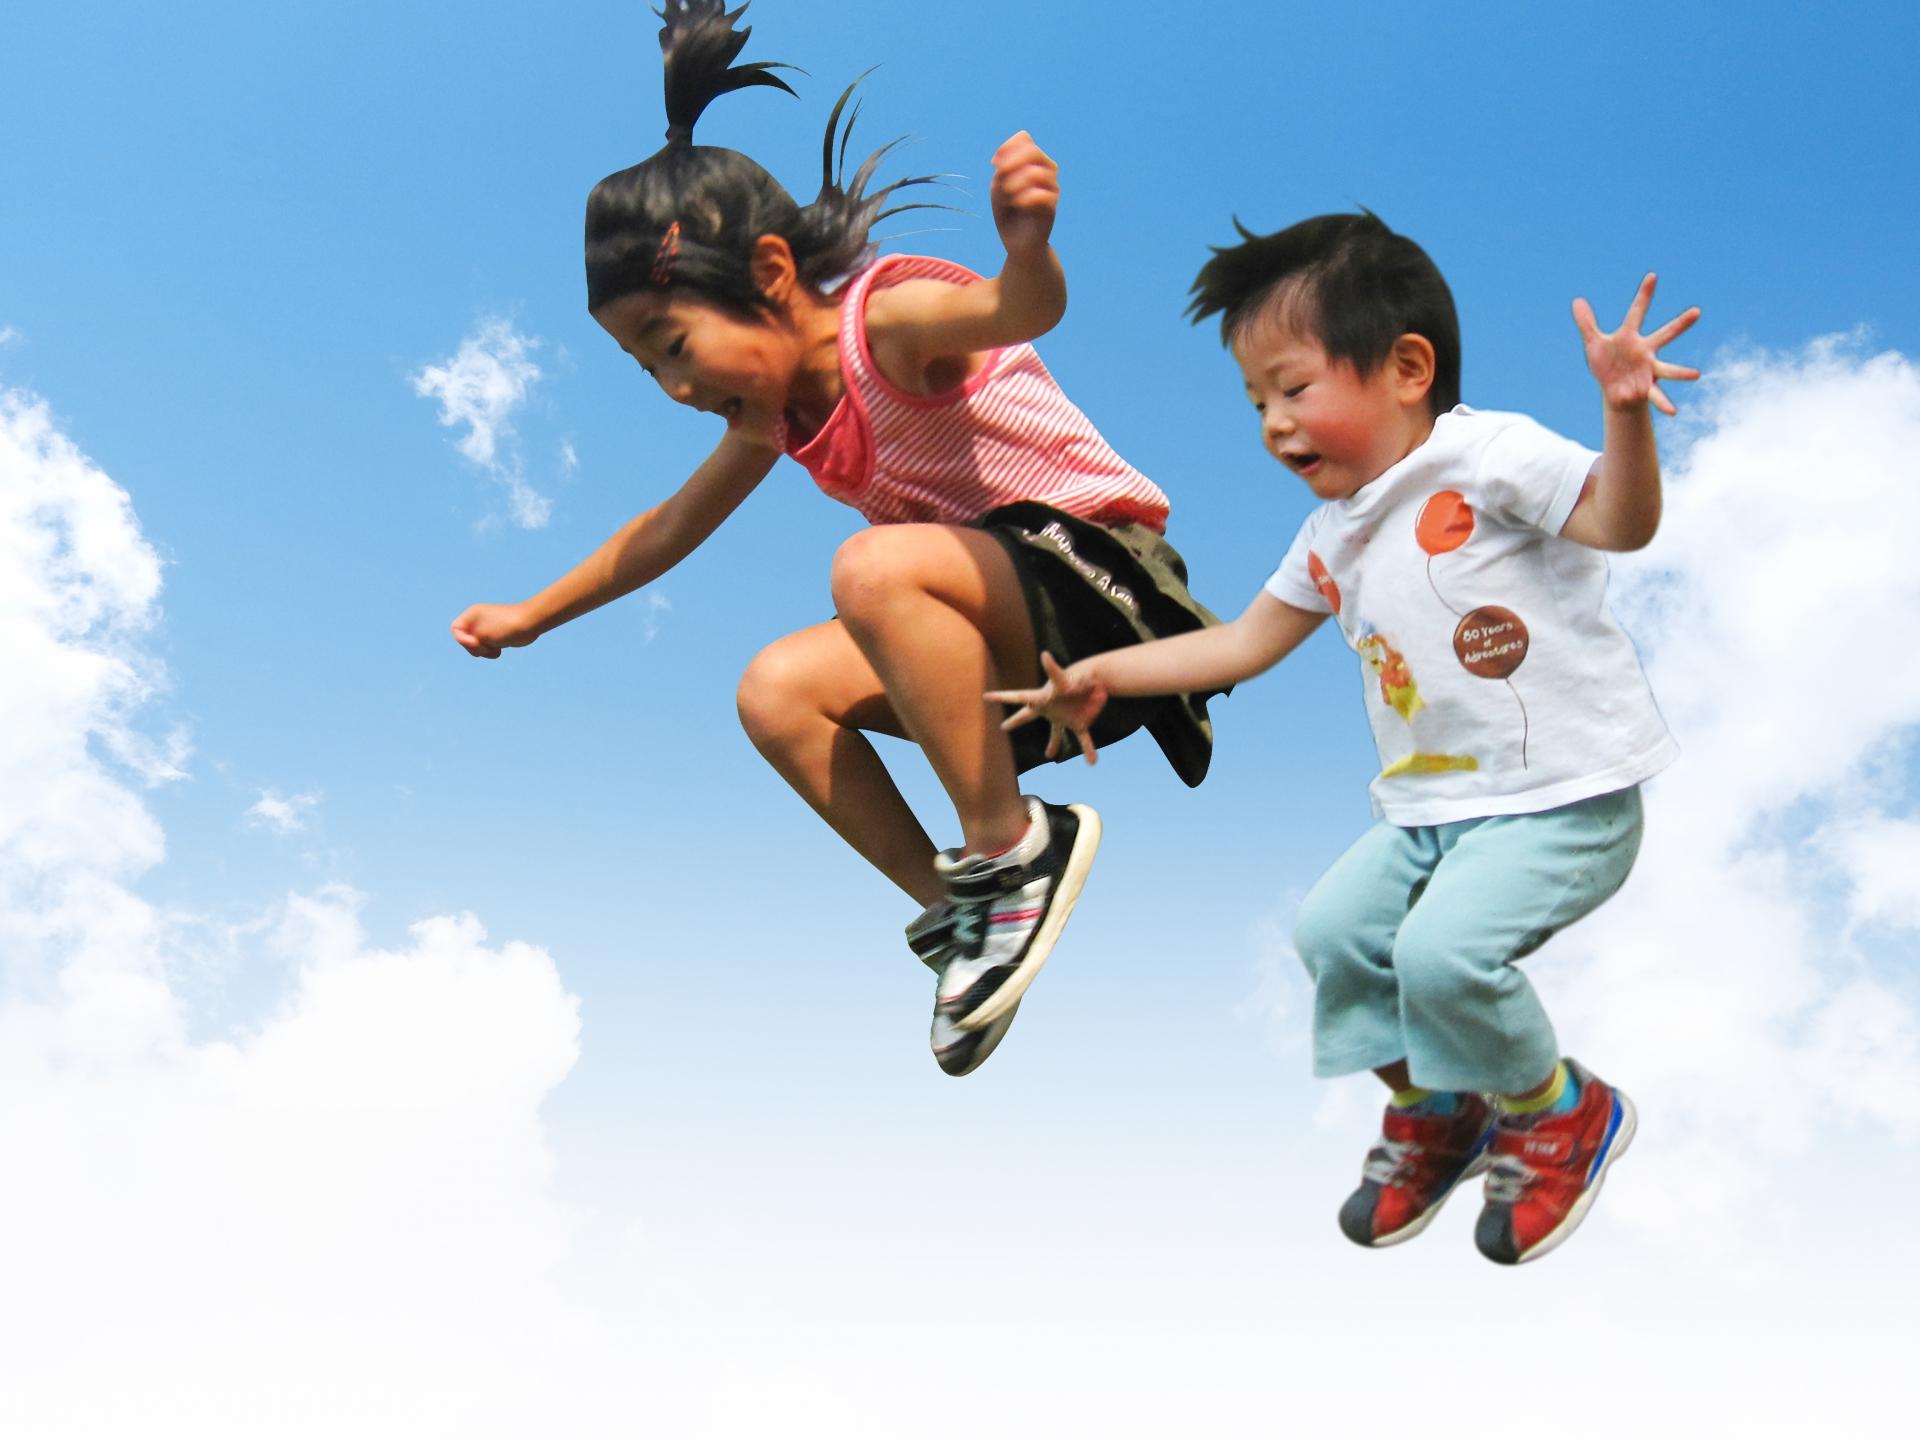 ジャンプして遊ぶ子ども